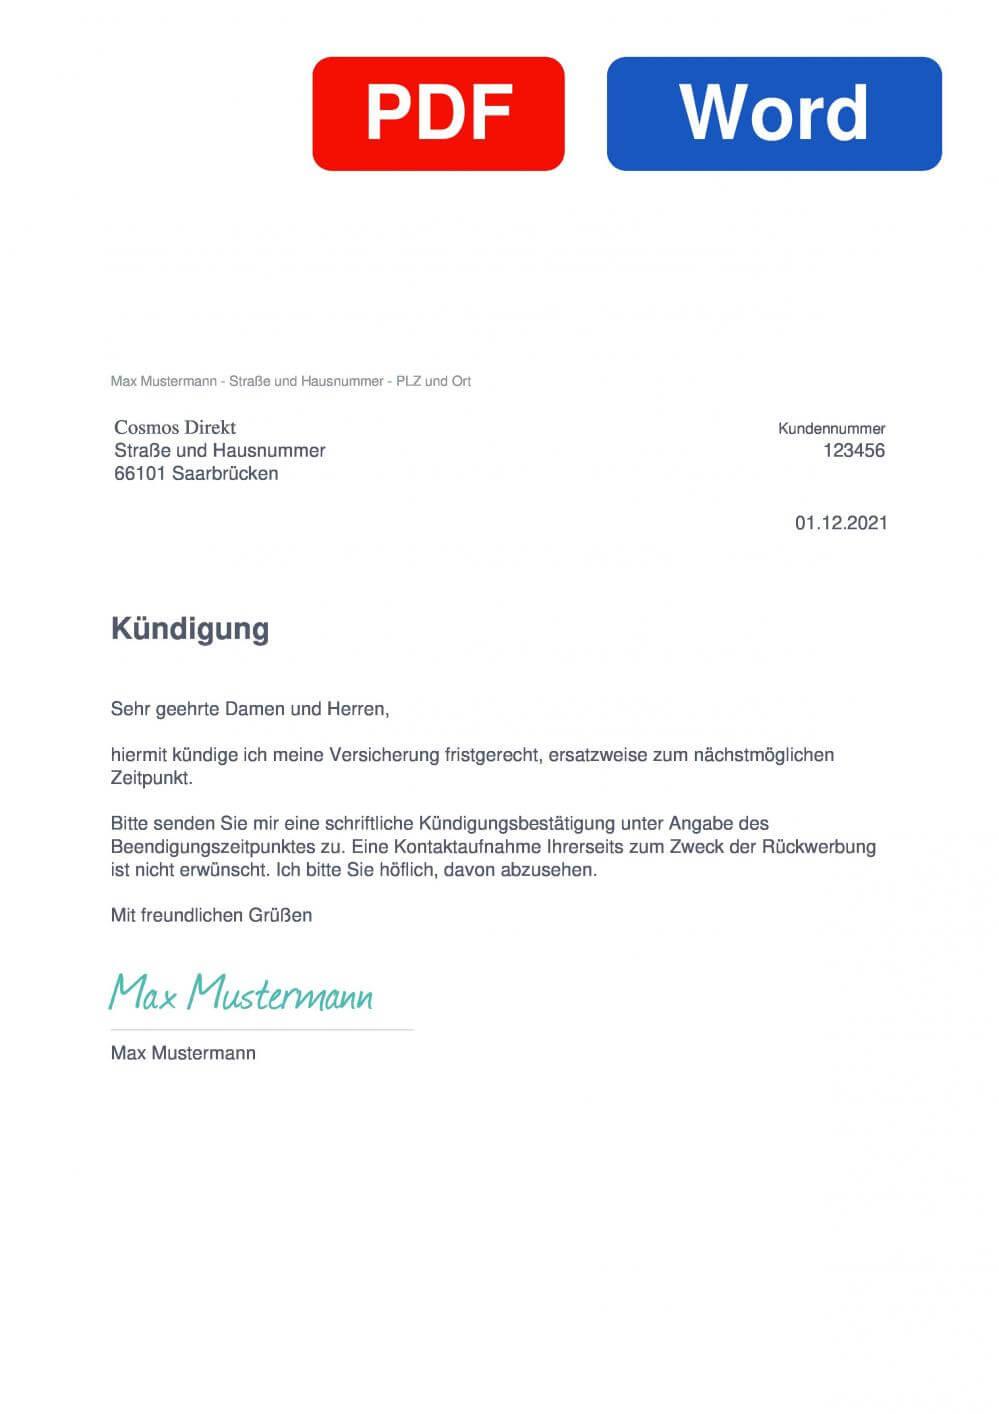 CosmosDirekt Lebensversicherung Muster Vorlage für Kündigungsschreiben